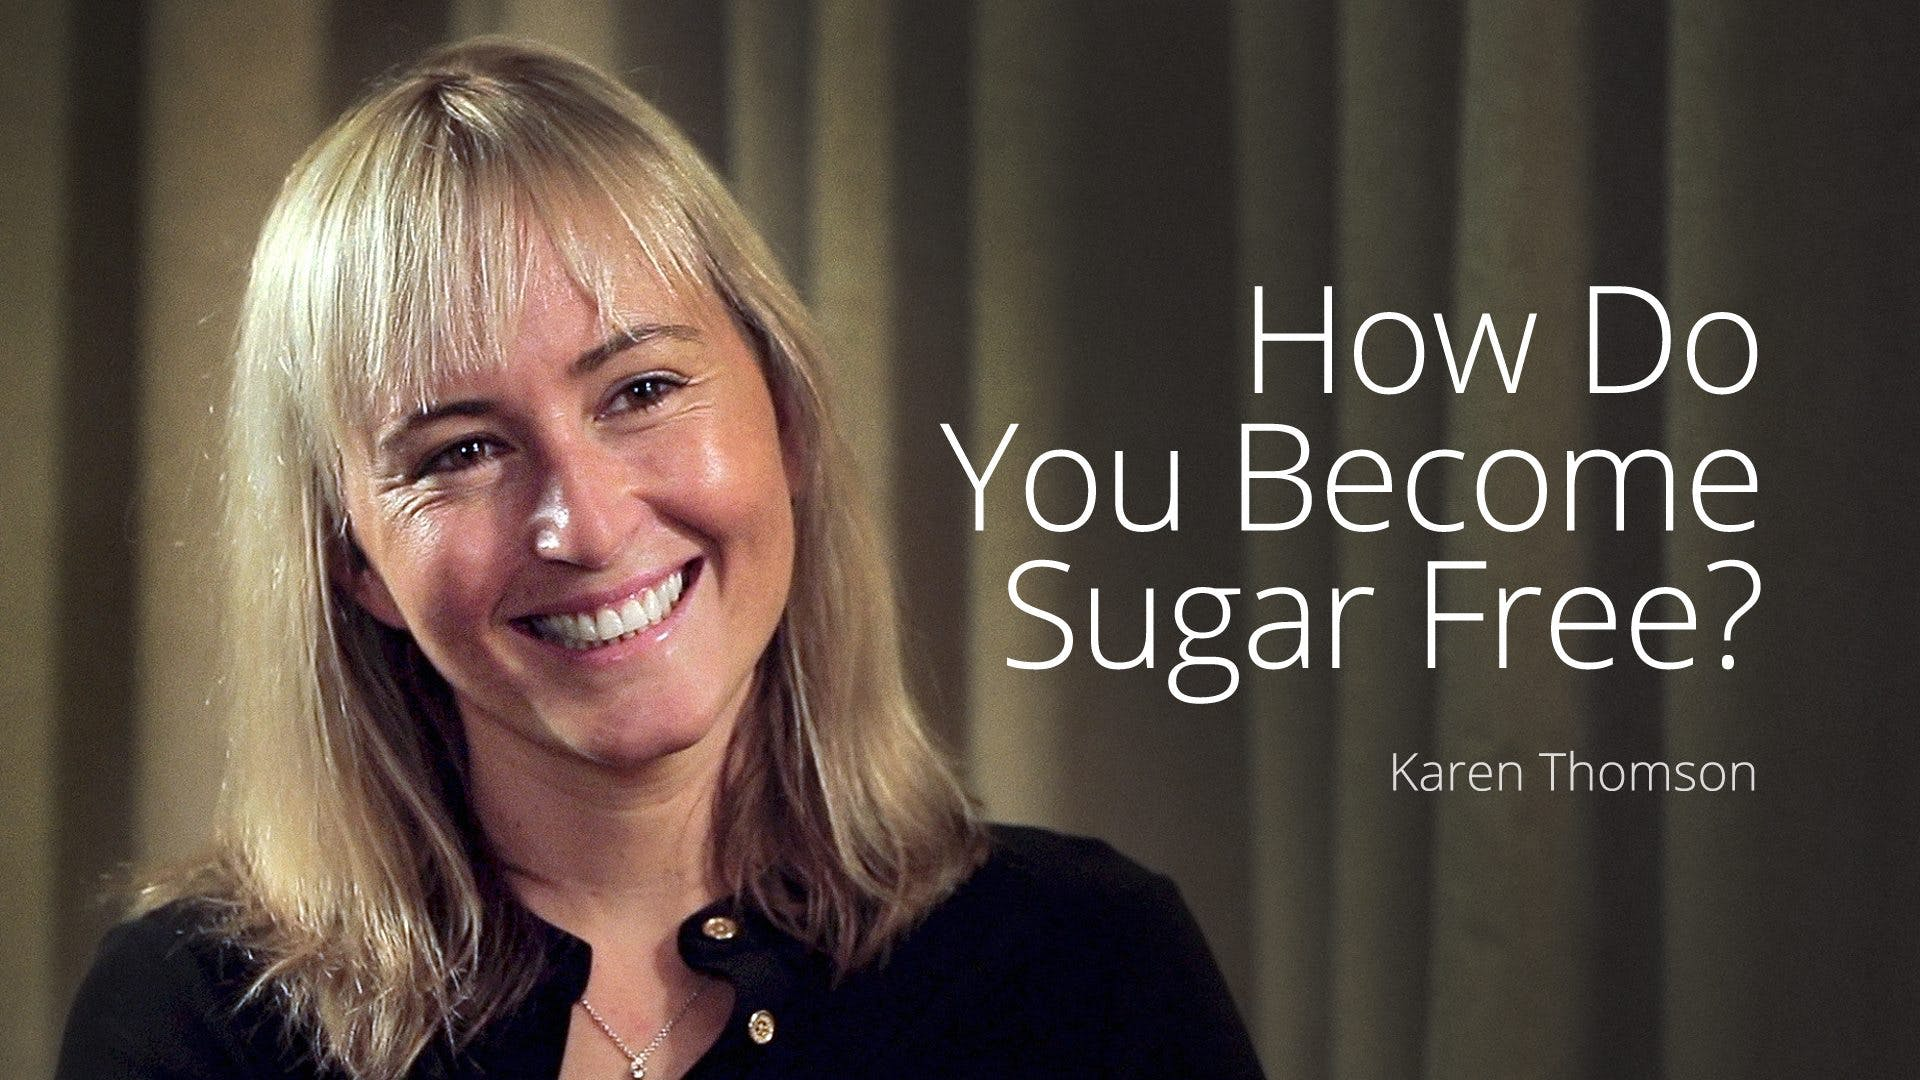 How do you become sugar free?